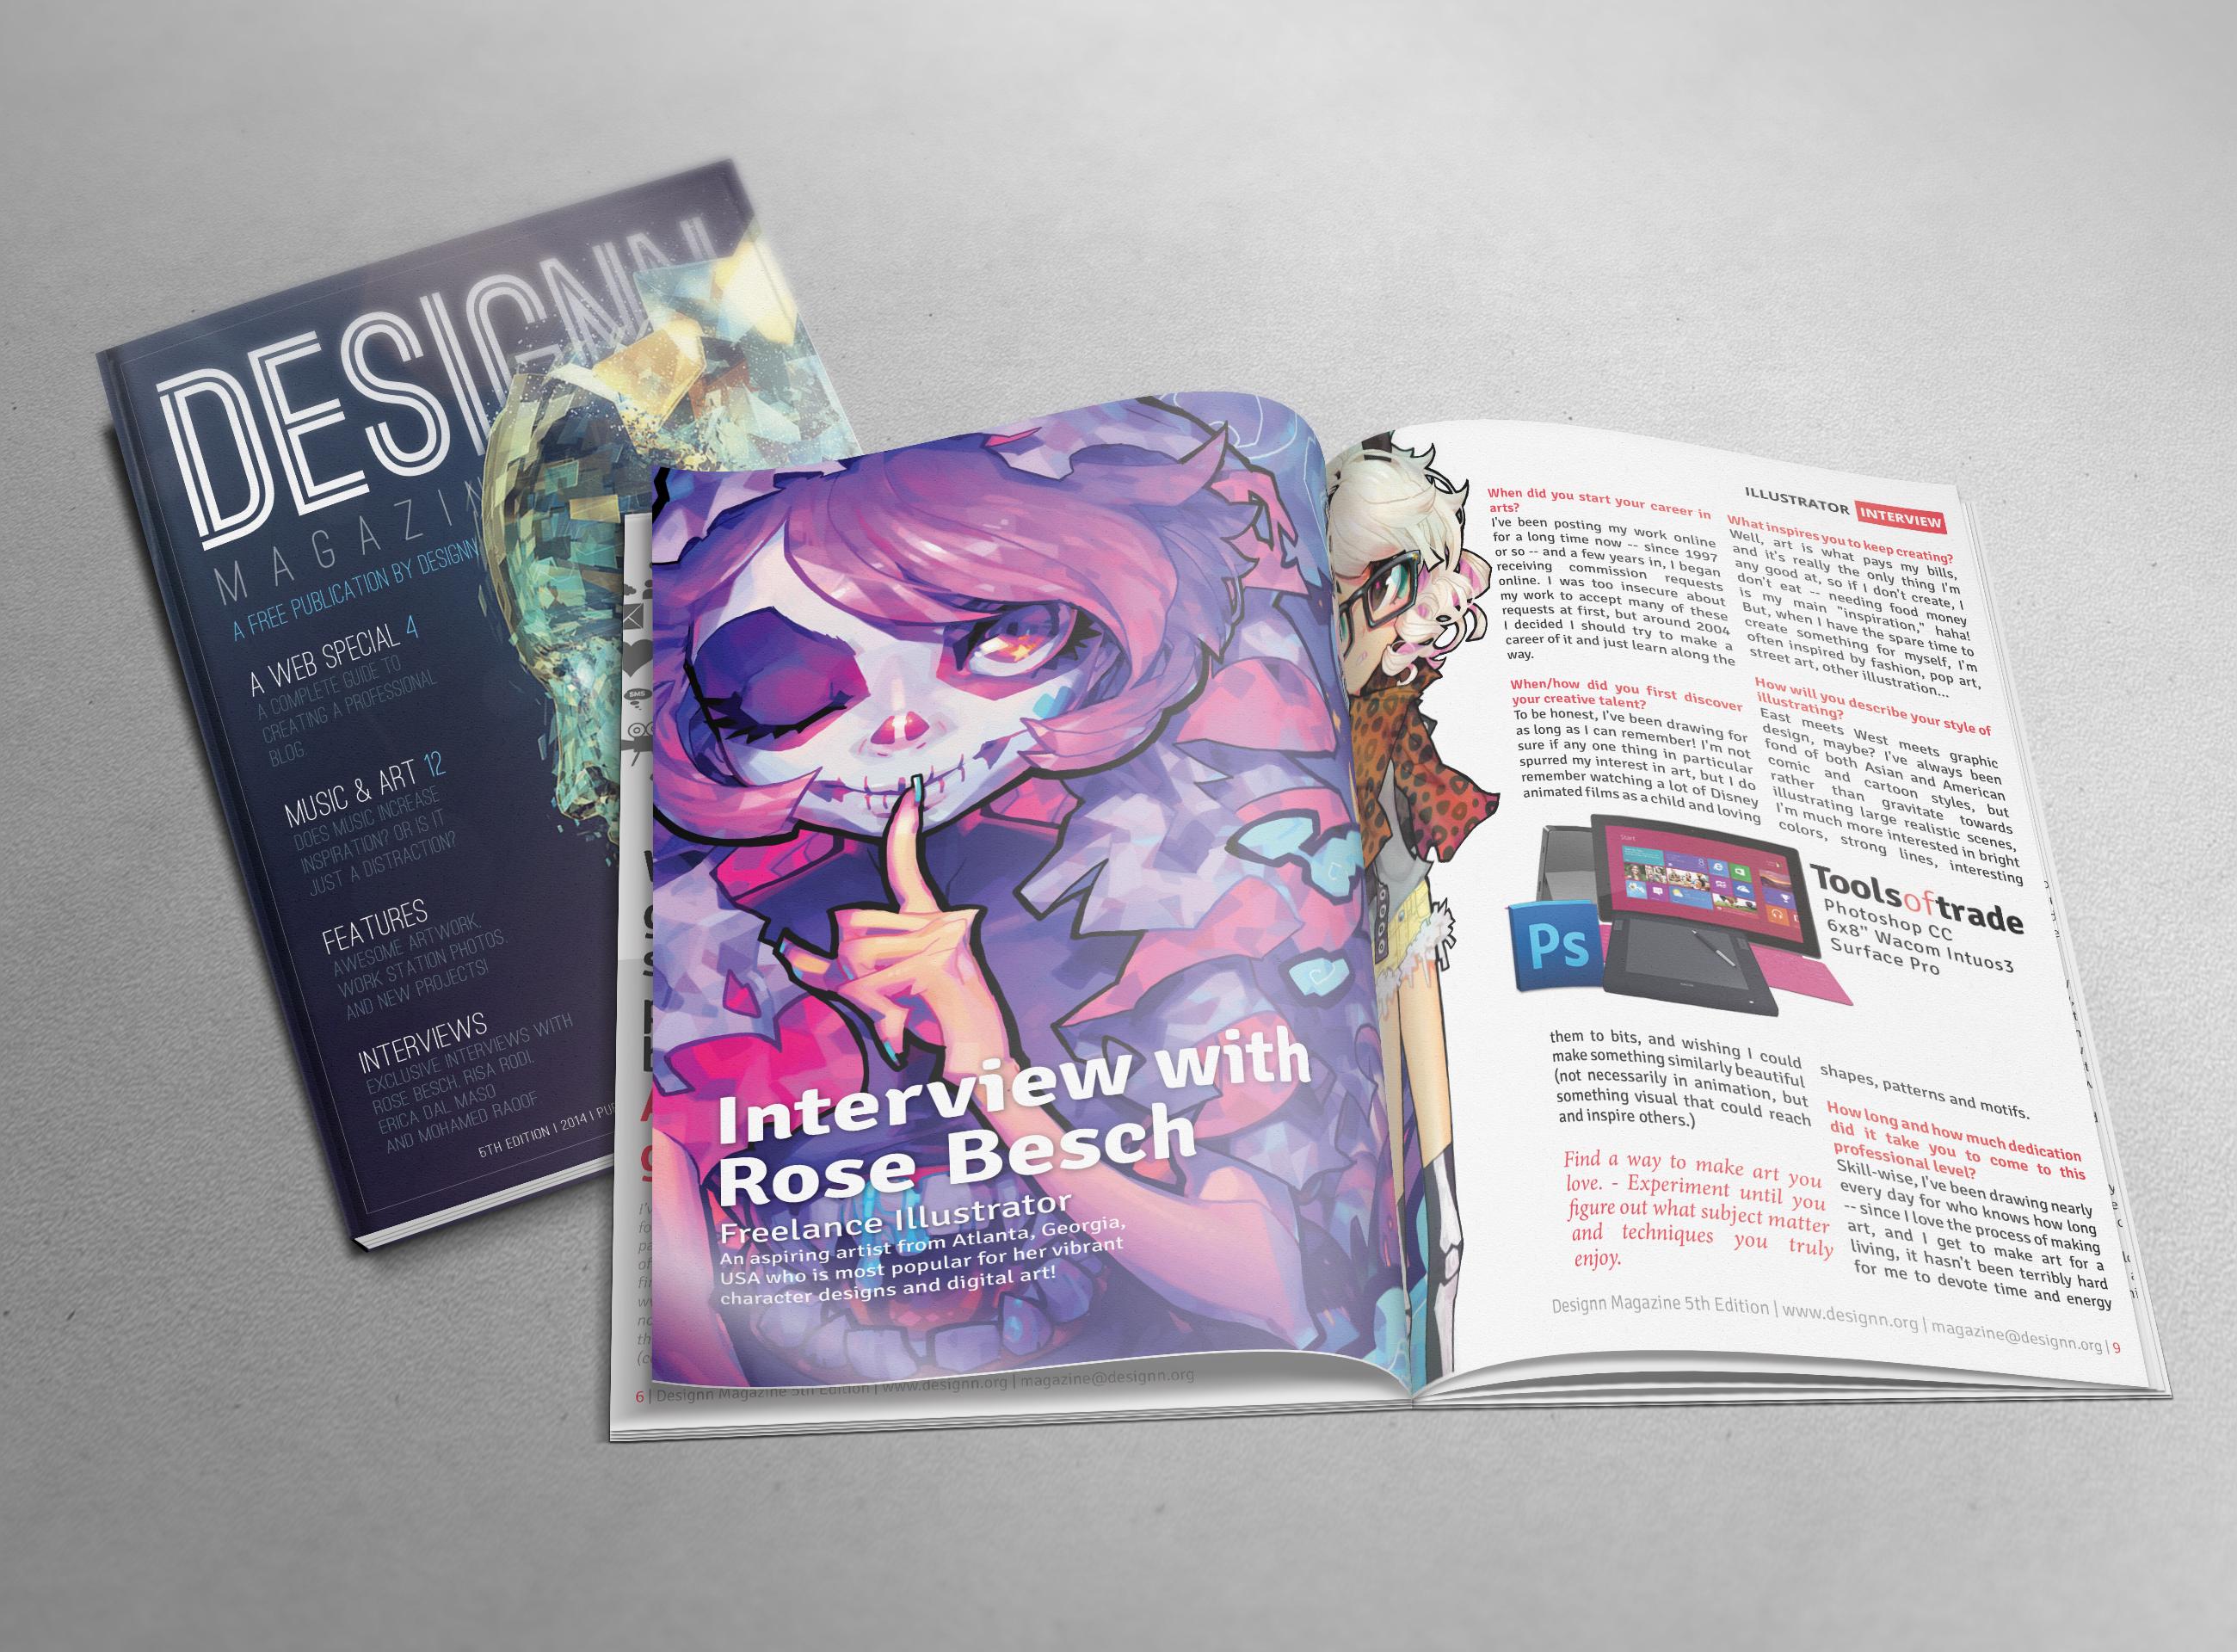 Designn Magazine 5th Edition by UJz